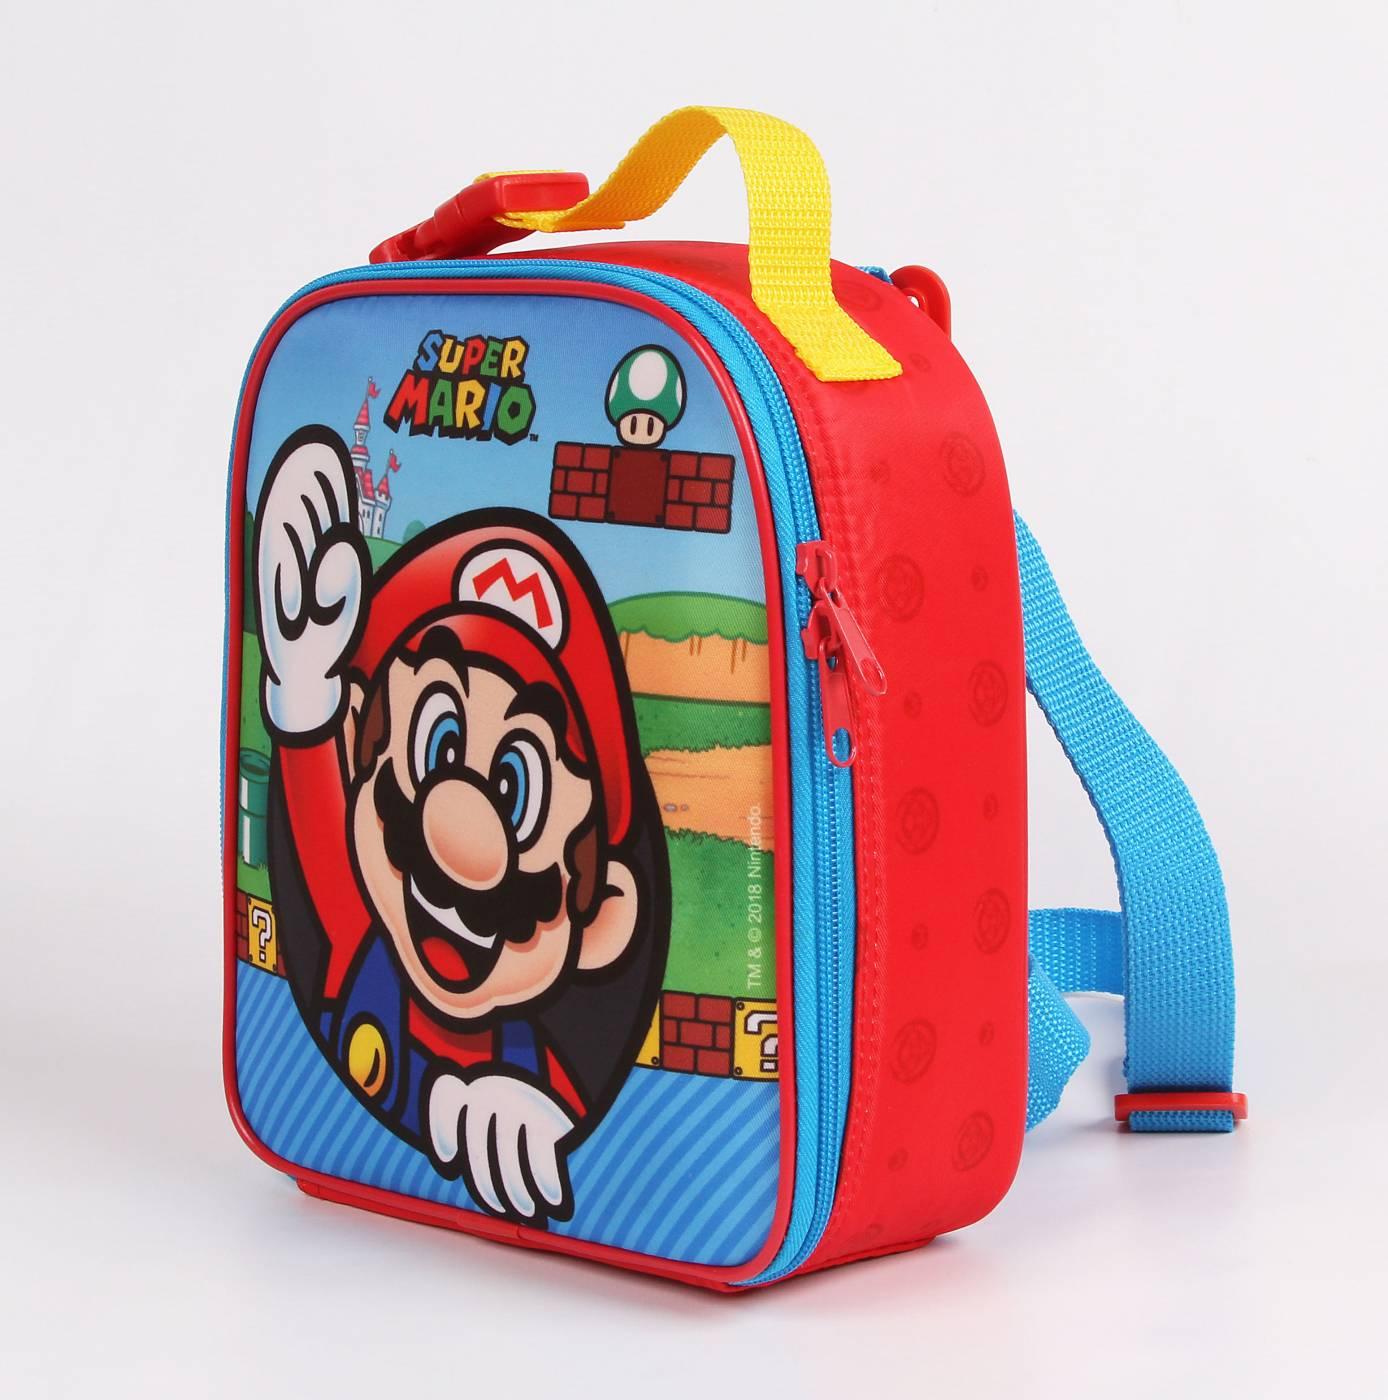 Lancheira Escolar Térmica DMW Super Mario Bros 111542